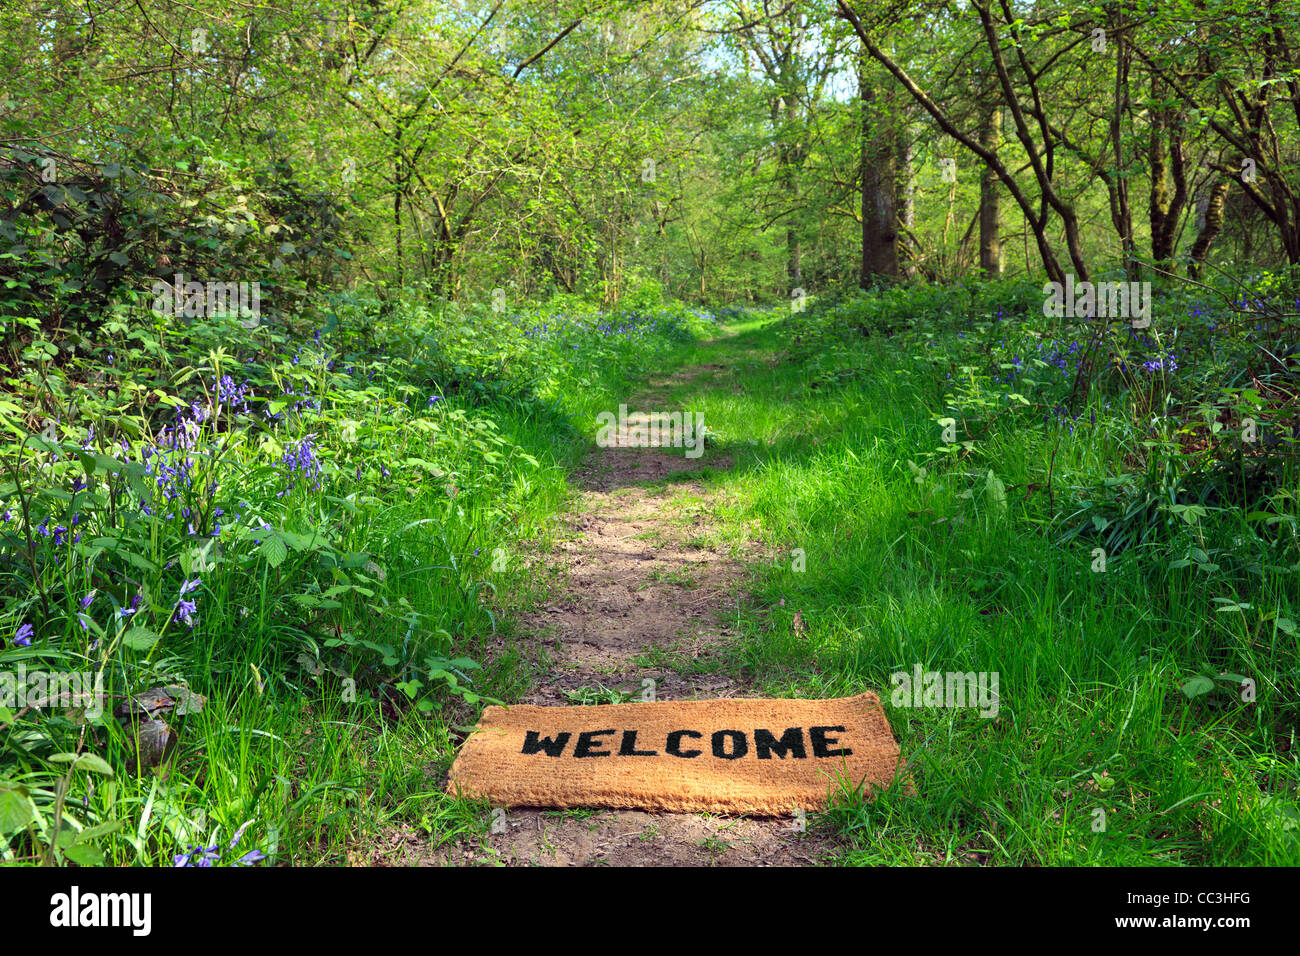 Concept photo d'un paillasson Bienvenue sur un sentier boisé au printemps en format horizontal. Photo Stock